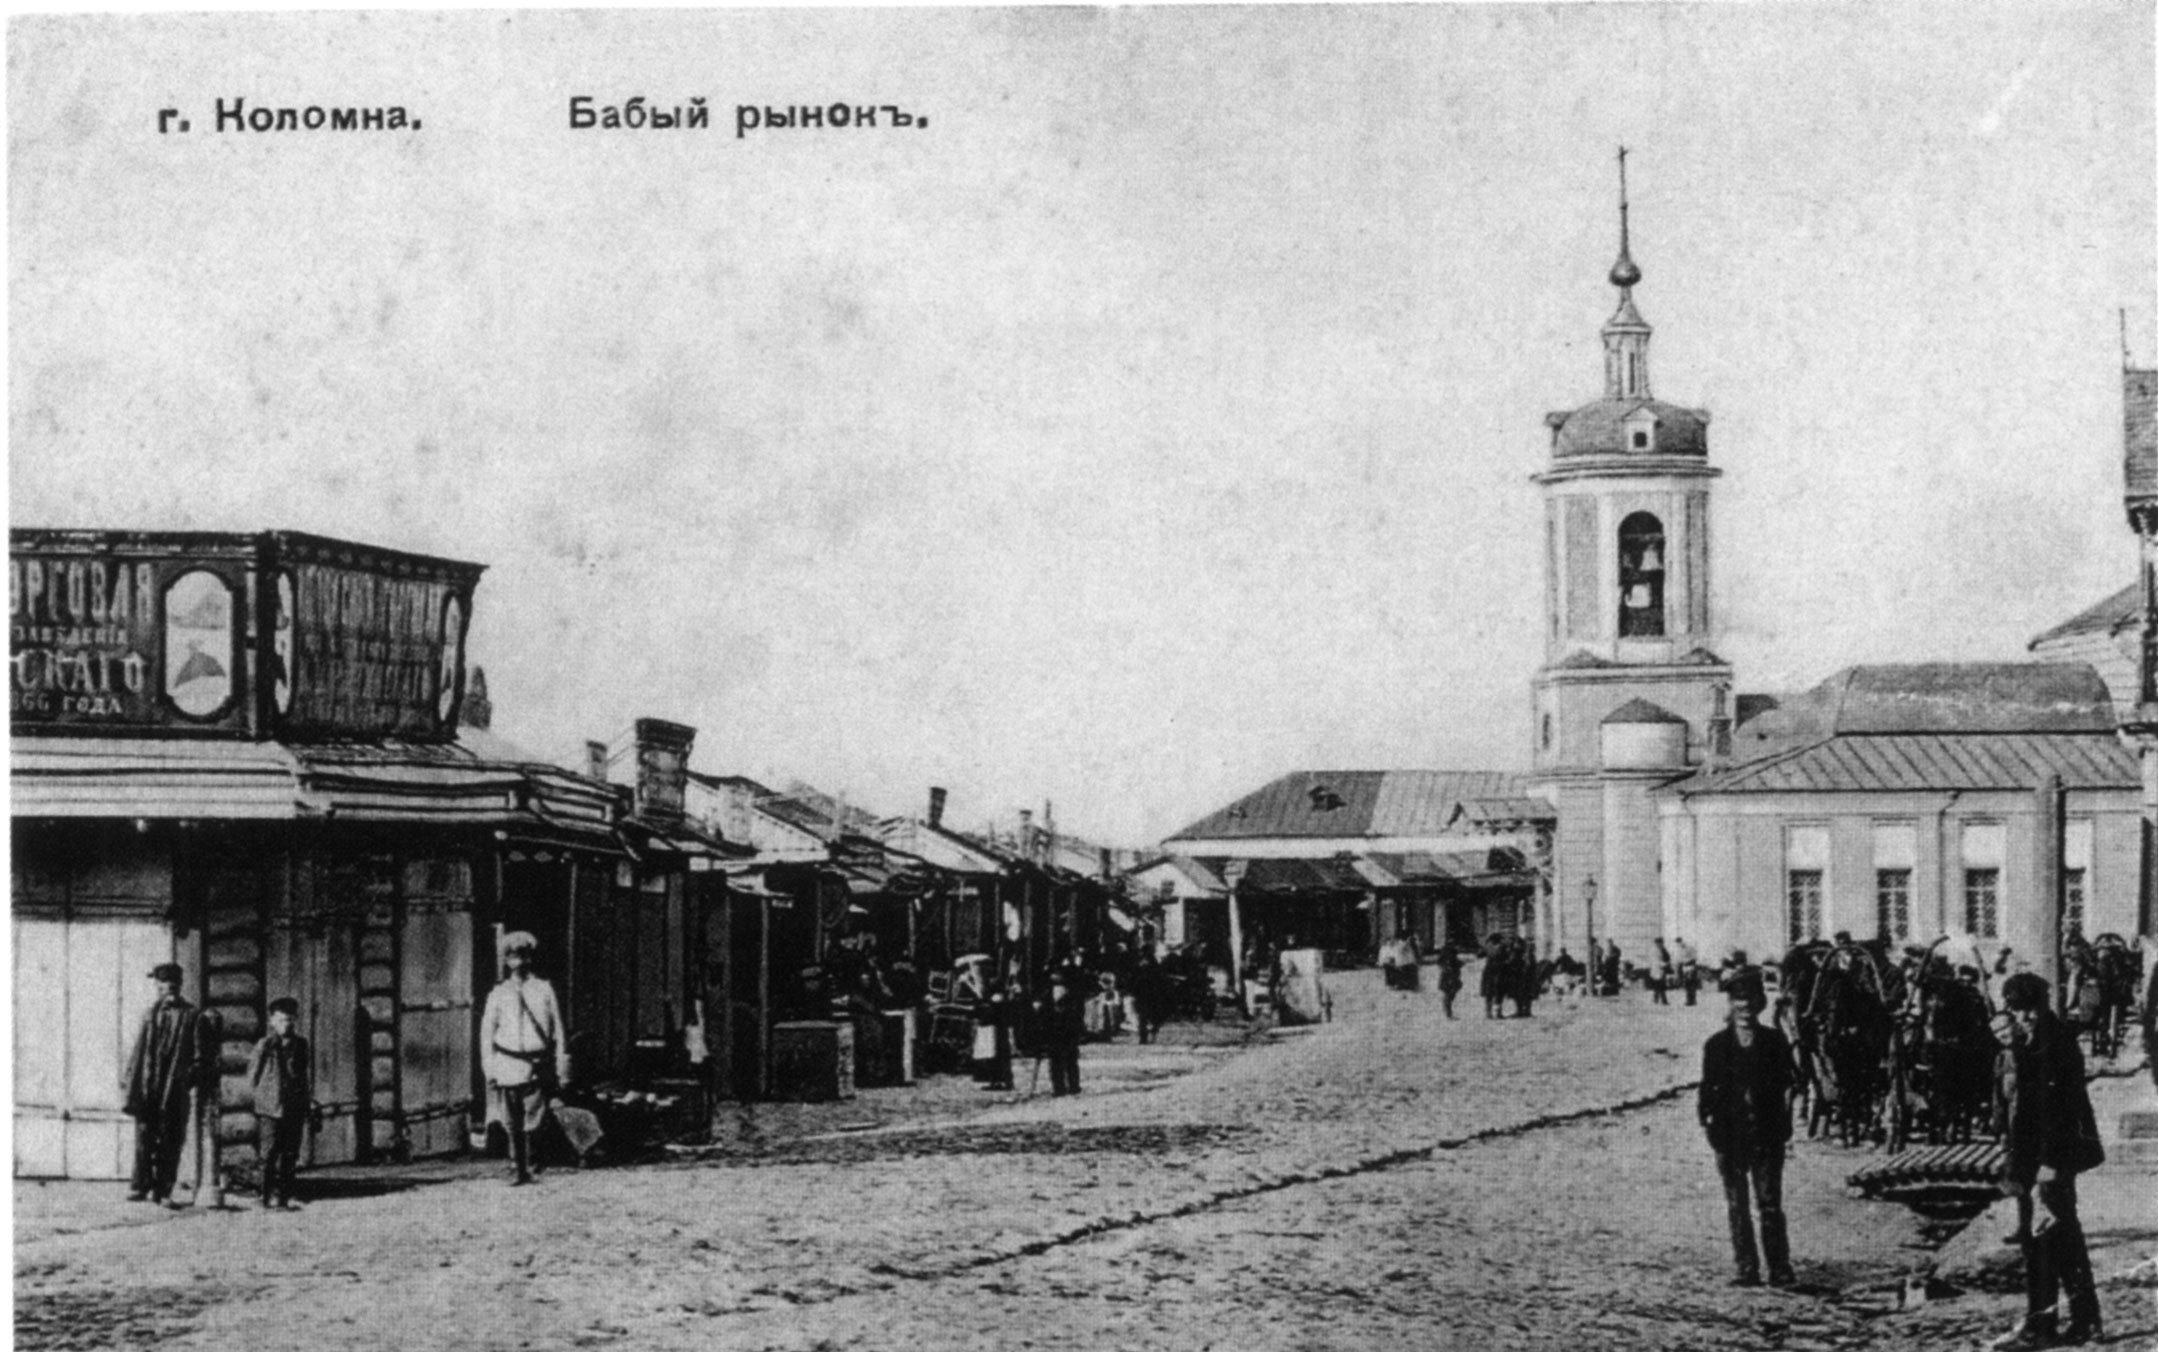 Бабий рынок у Иоанно-Предтеченской церкви